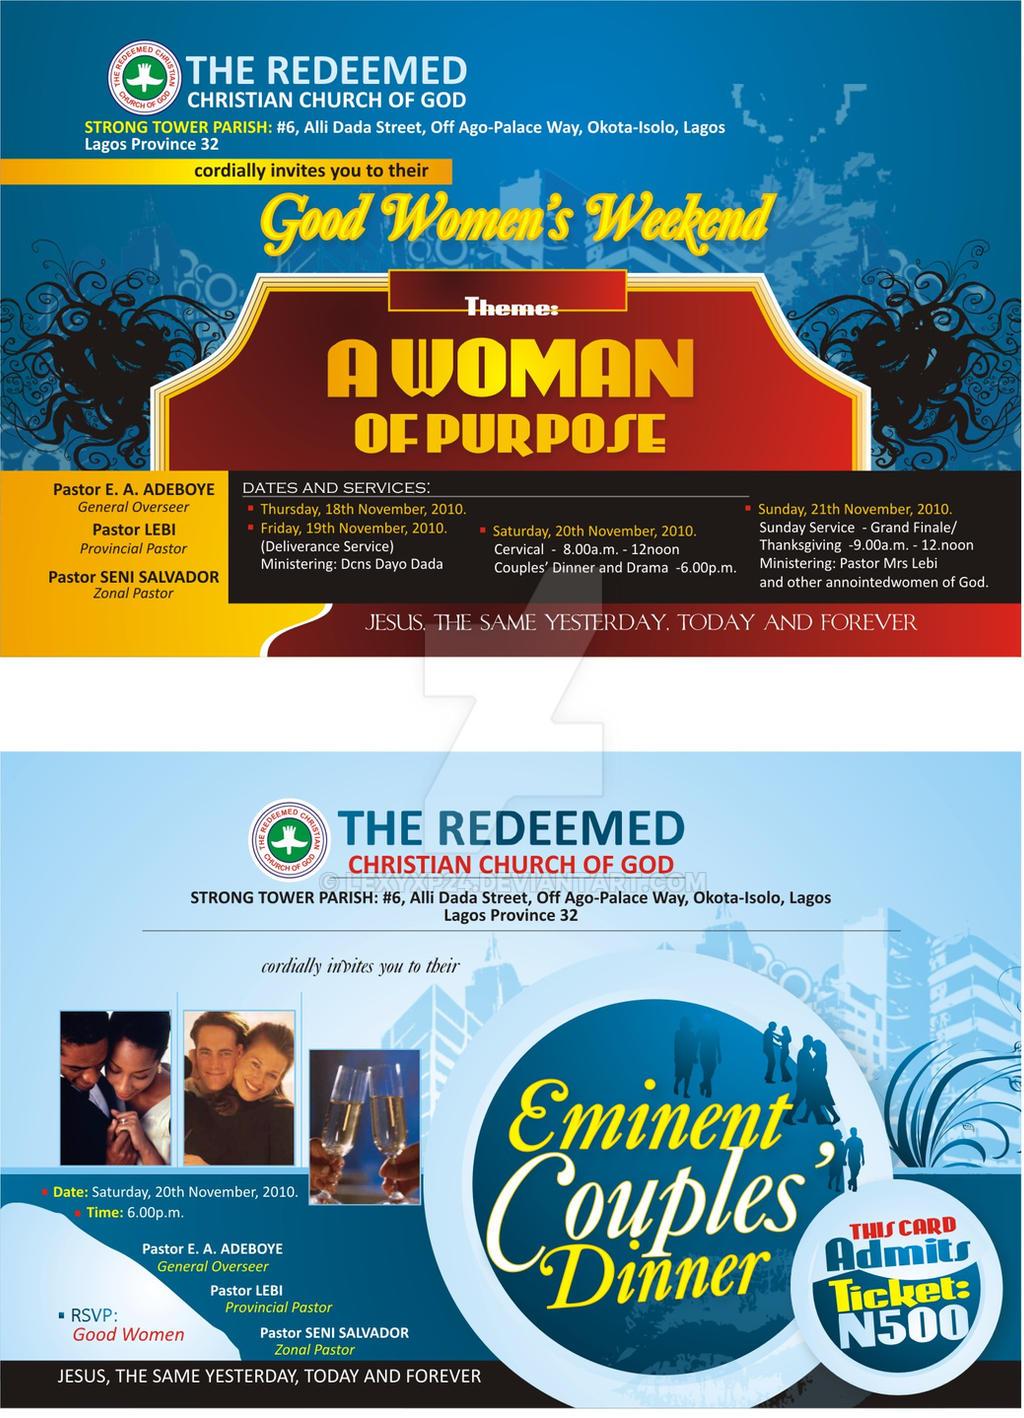 Redeemed Church Dinner Card Design Lexyxp24 By Lexyxp24 On